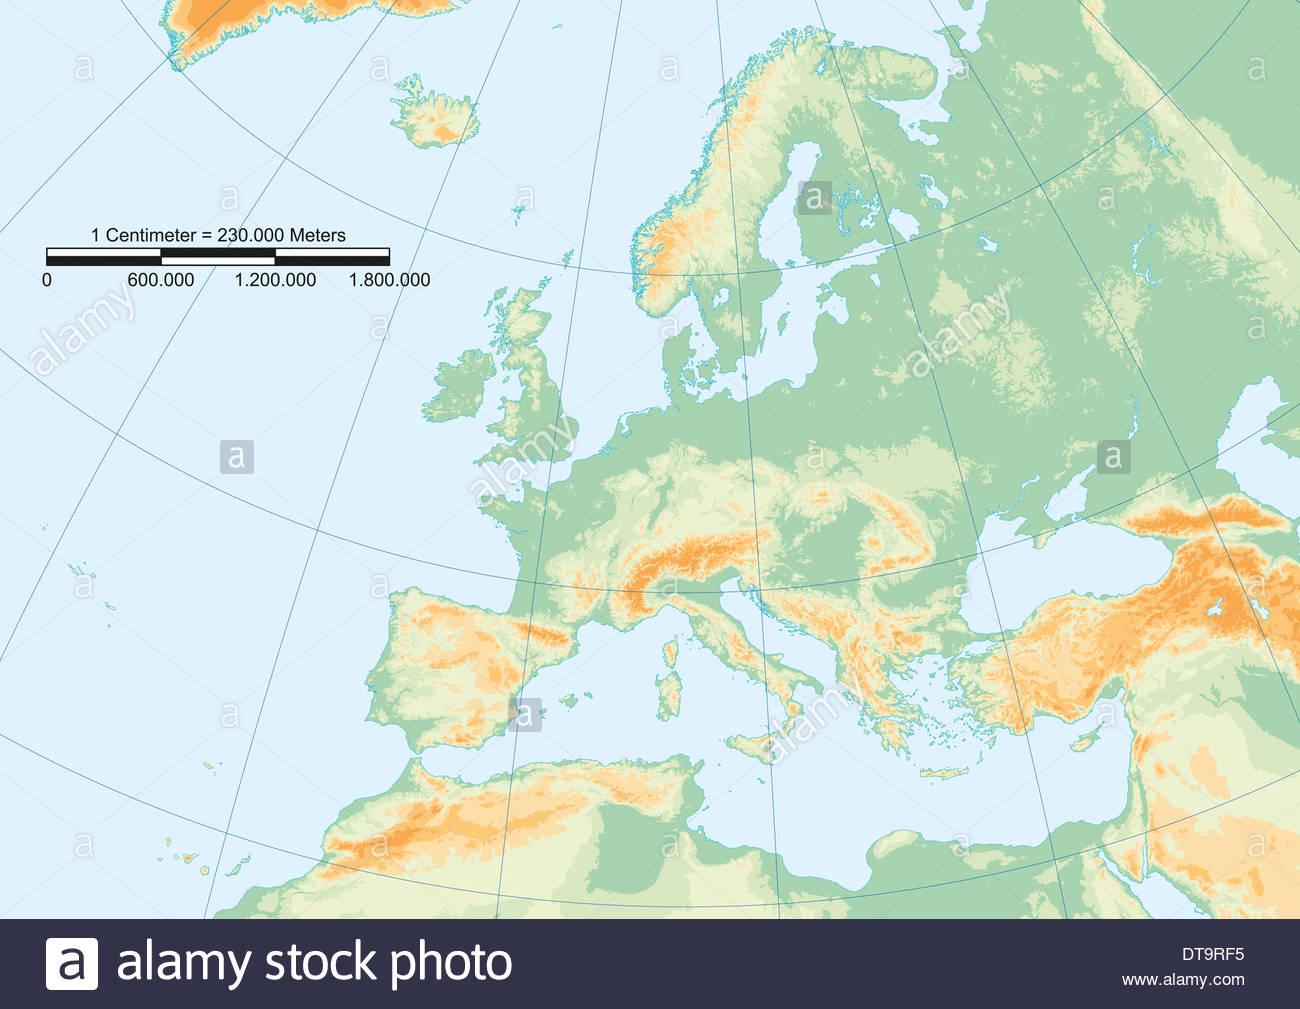 Europa Karte Physisch.Physische Karte Von Europa Mit Gradnetz Und Grafische Skala